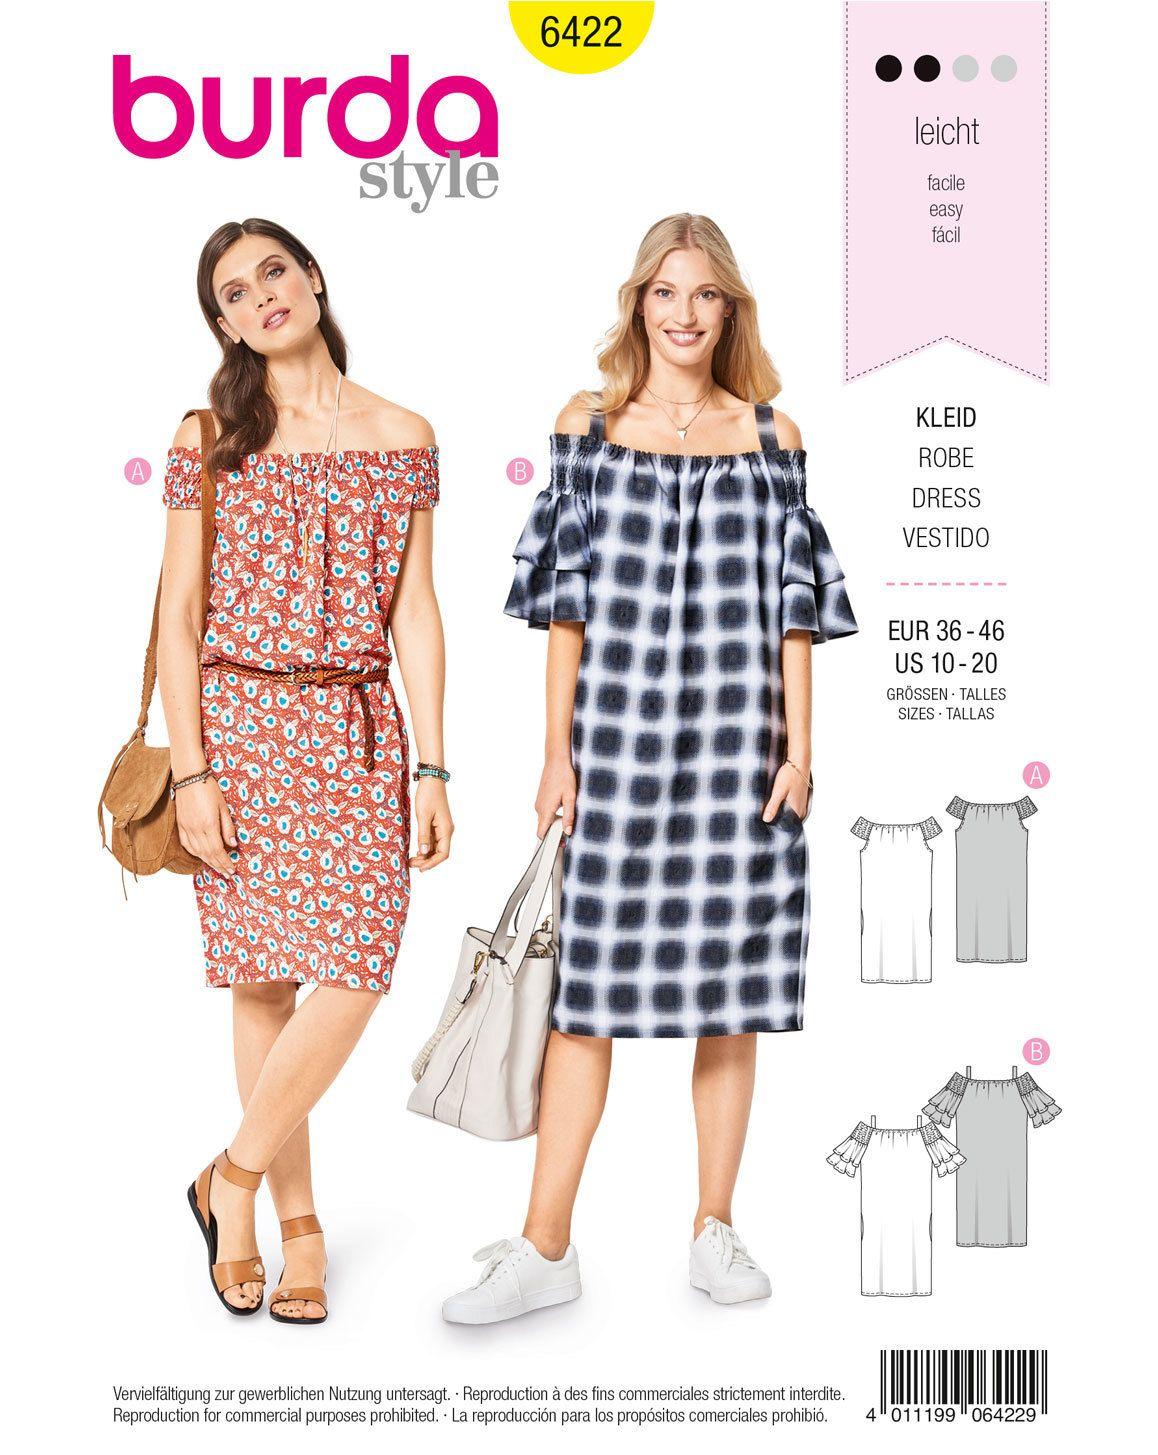 Hänger-Kleid F/S 2018 #6422B   legere Kleider, Burda style und Schlicht